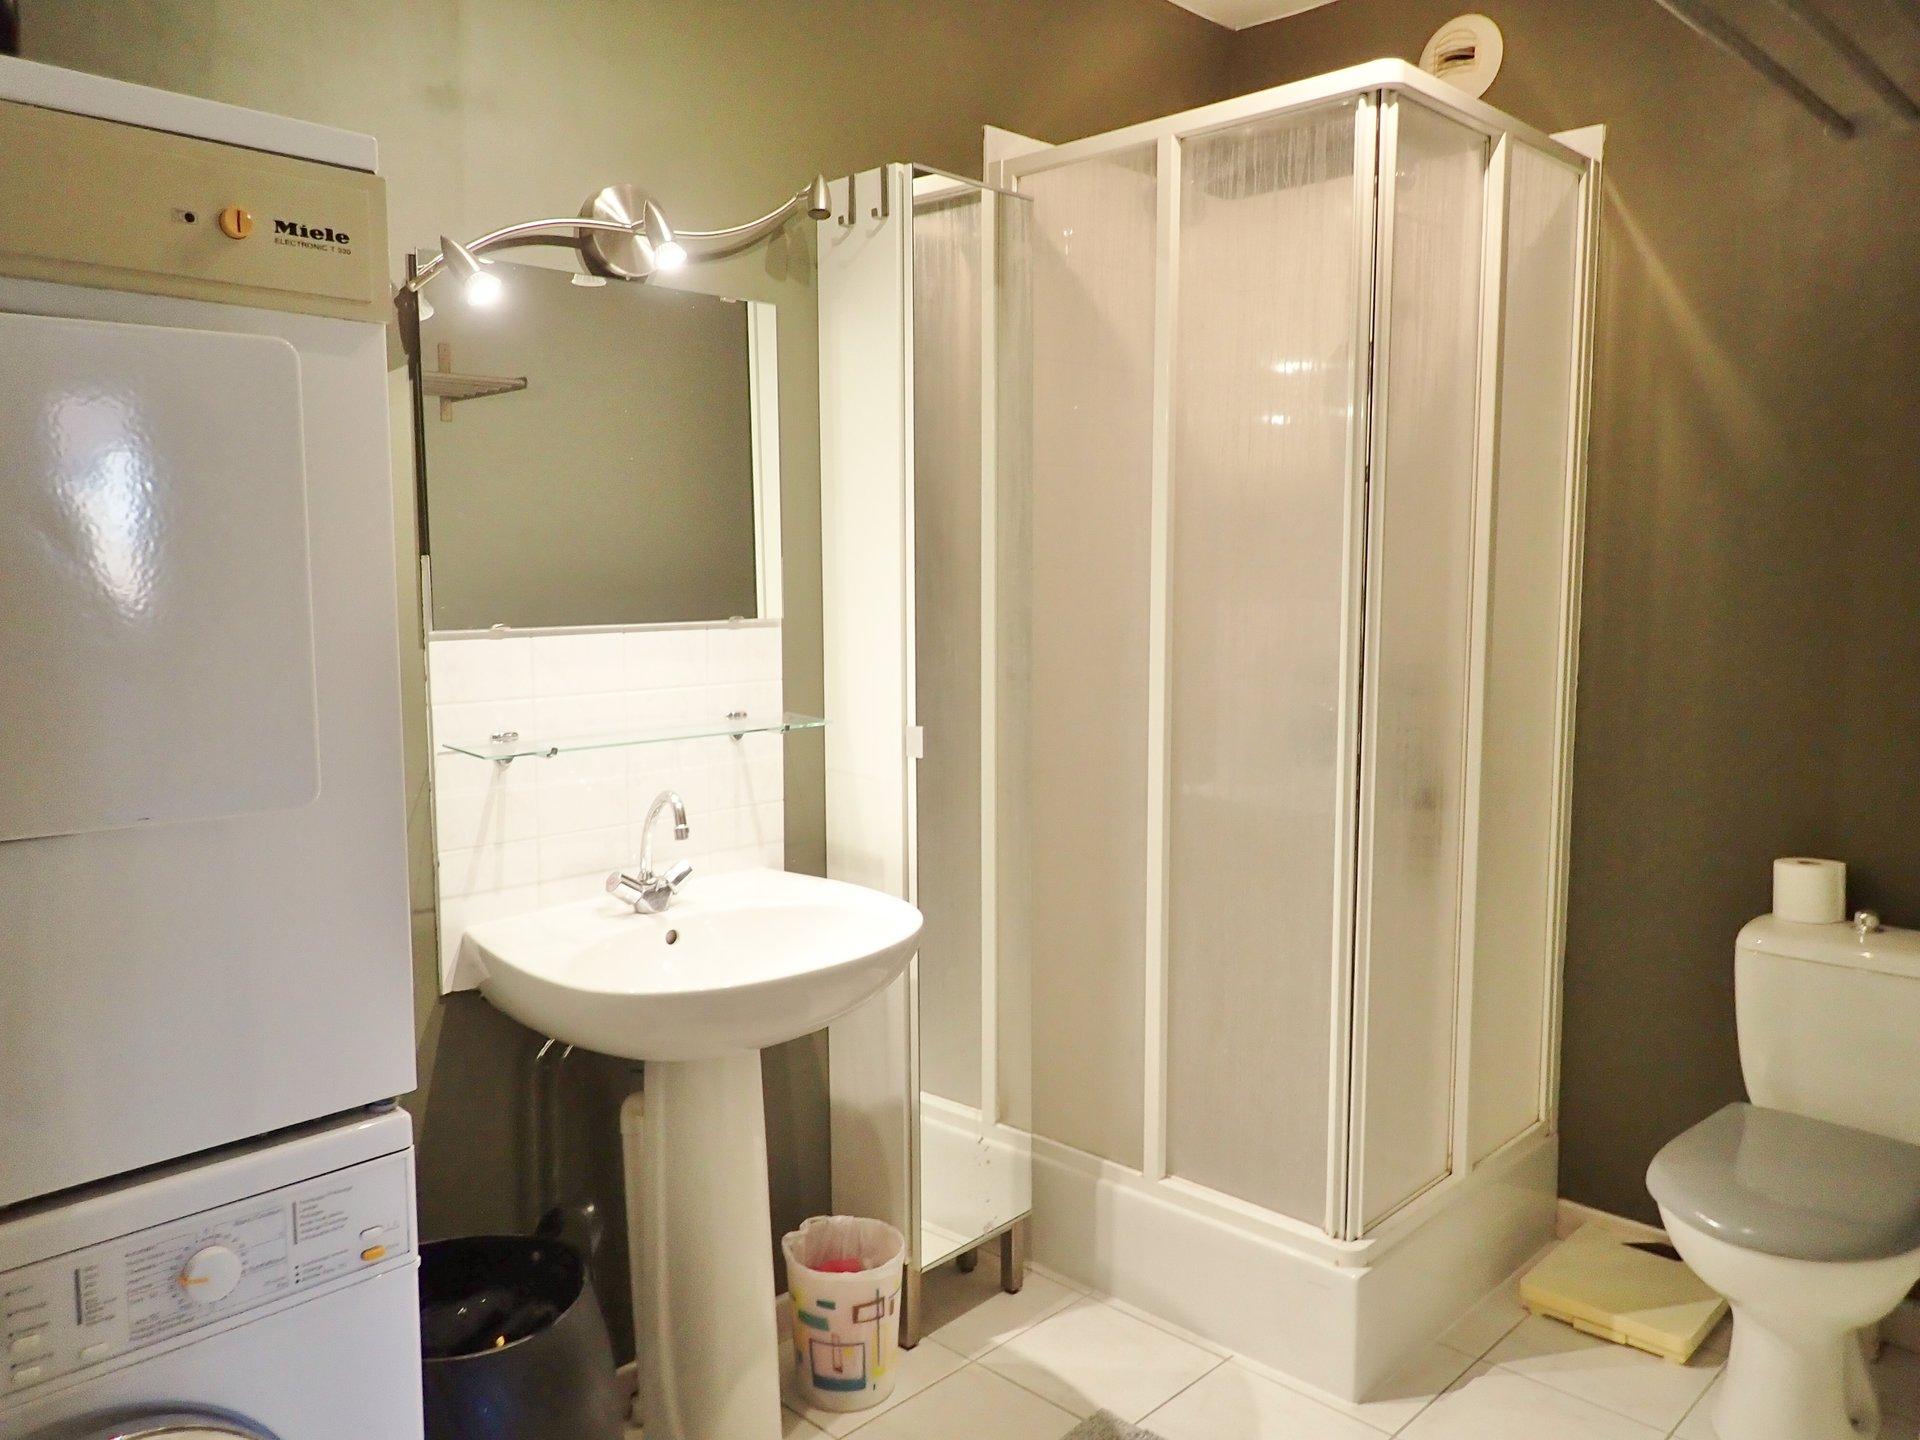 Situé à Charnay les Macon cet appartement de 133 m² jouit d'un vaste séjour à la triple exposition et donnant sur une très belle terrasse de 25 m² parfaitement exposée. La cuisine est équipée et entièrement refaite. L'espace nuit se compose d'une grande chambre avec son dressing desservant une salle de douche et de 2 chambres ainsi qu'une salle de bains. Appartement vendu avec cave, place de parking et garage. Chauffage individuel au gaz à condensation. Cet appartement aux prestations rares et recherchées mérite d'être visité. Retrouvez plus de photos sur notre site. Copropriété de 13 lots. Charges courantes de 292 ?/ trimestre. Honoraires à la charge des vendeurs.